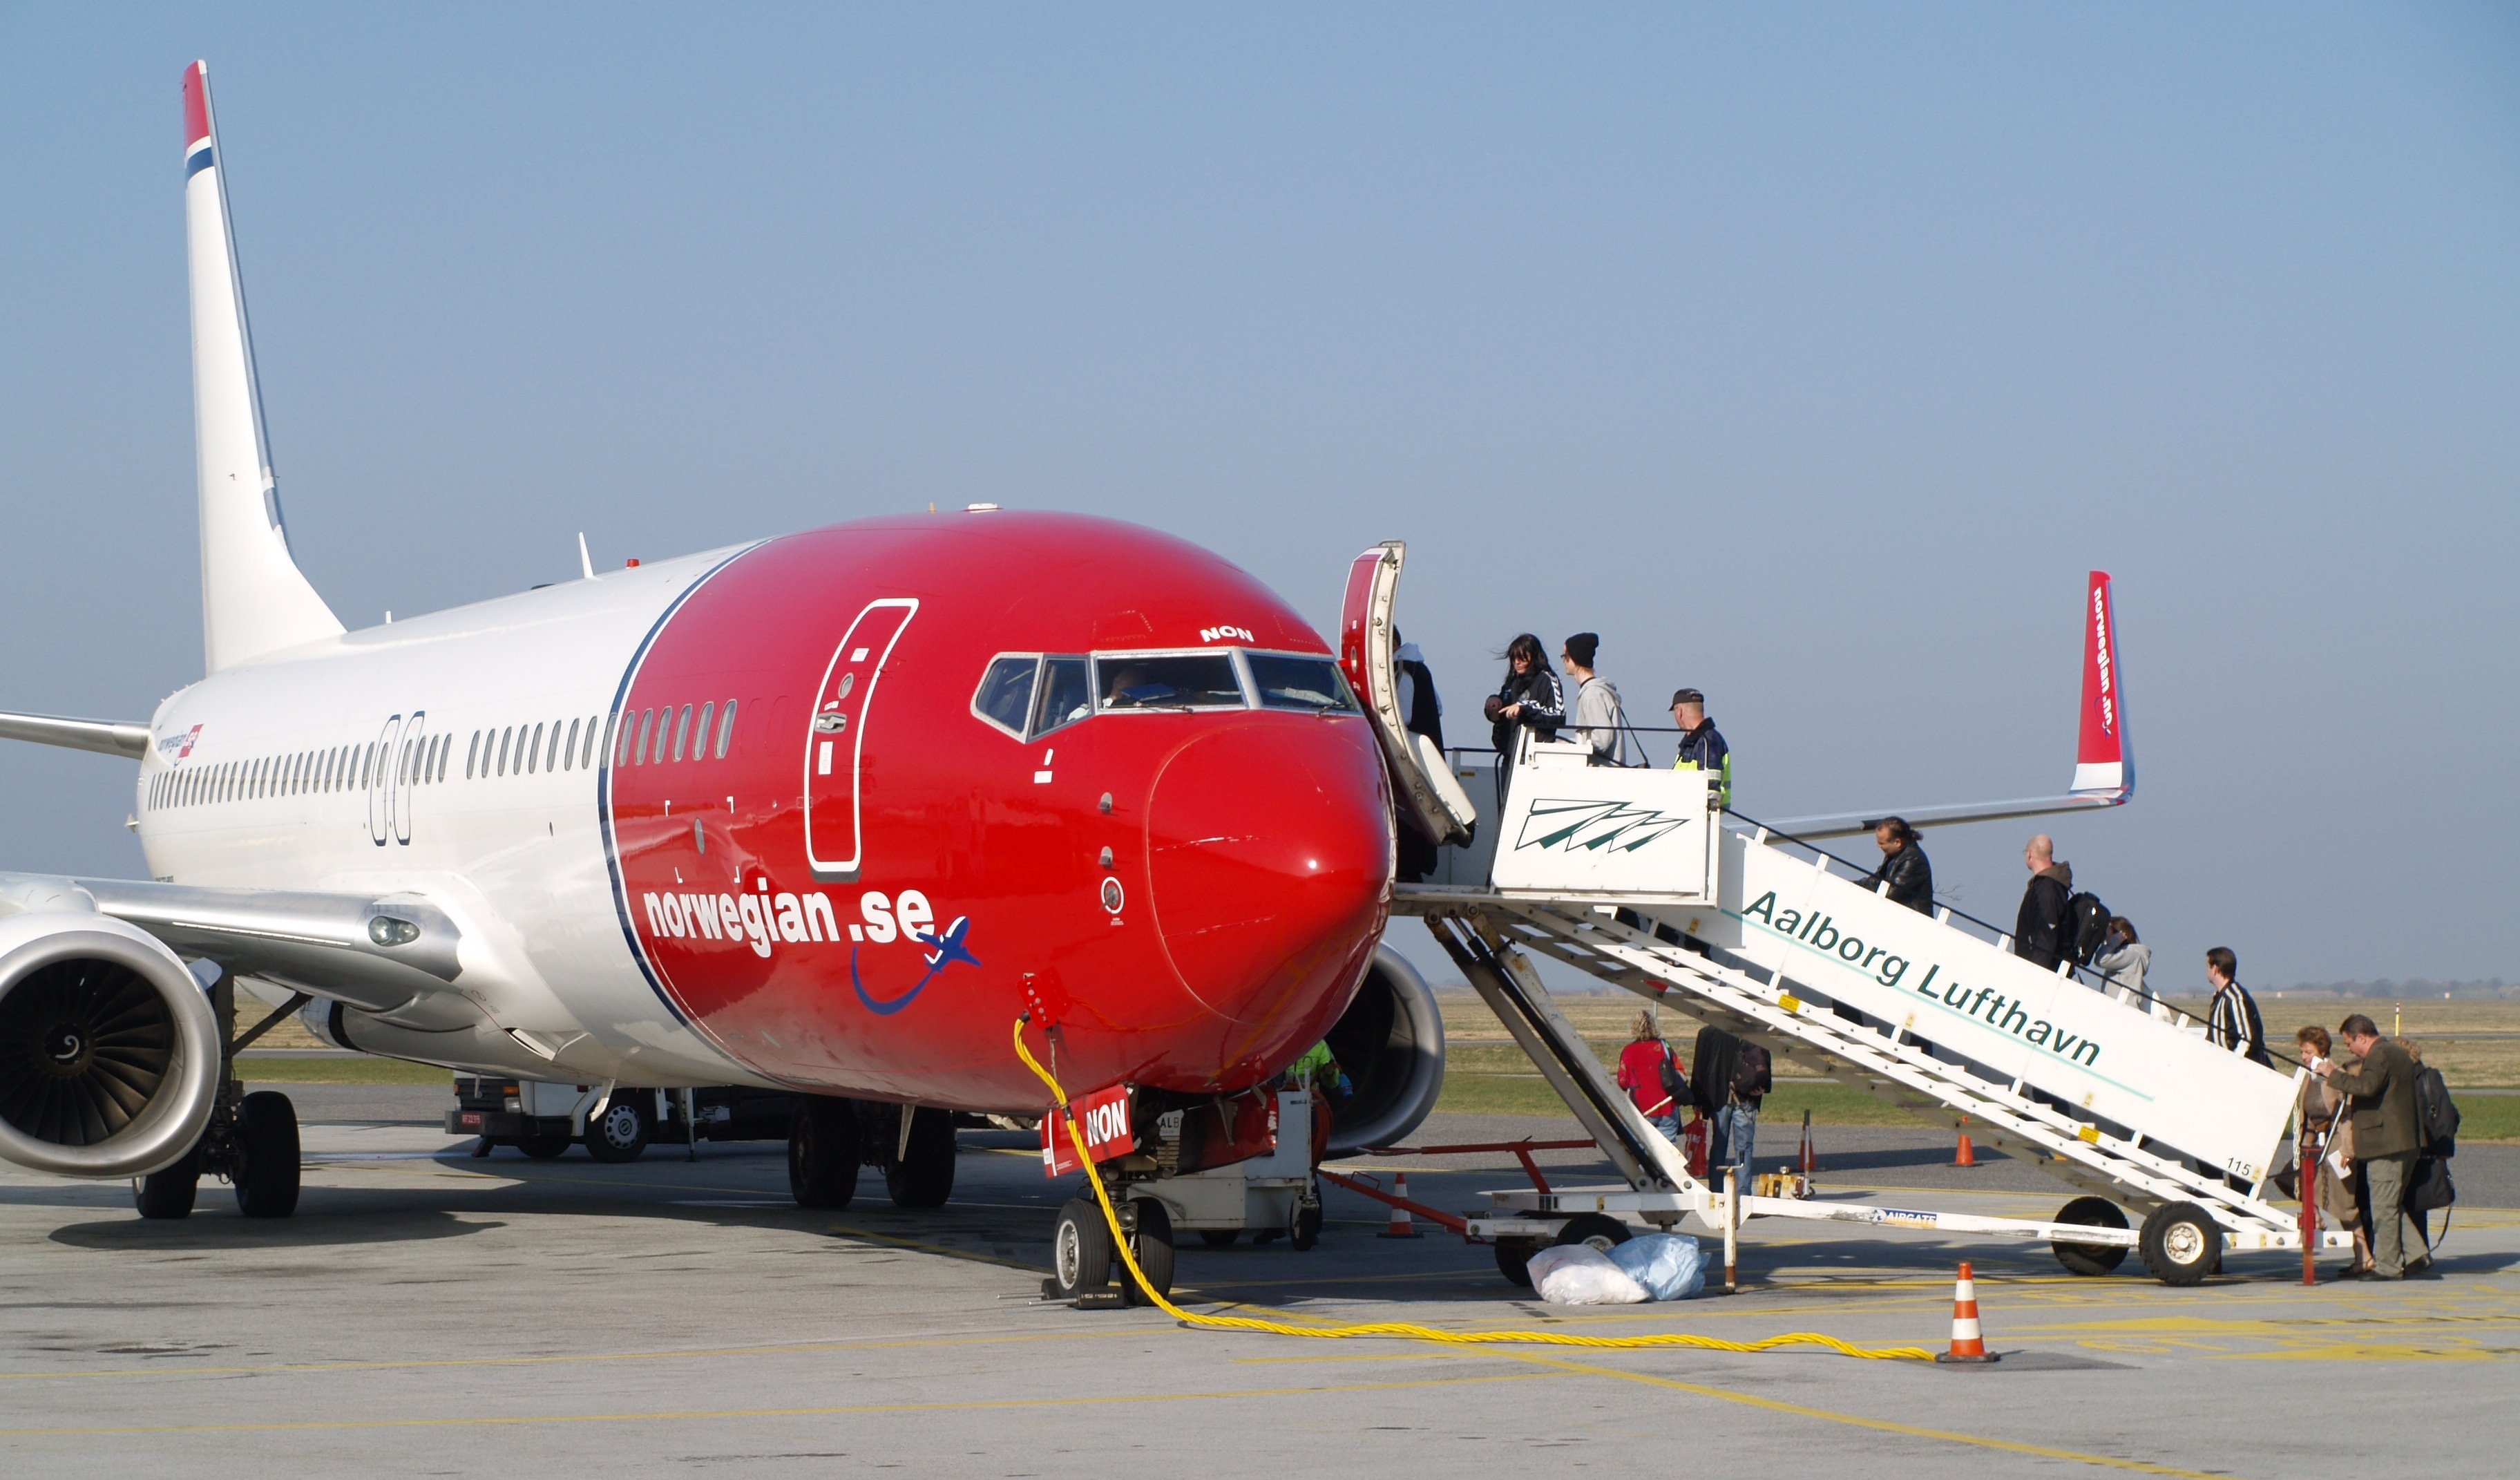 Norwegian er fortsat blandt de flyselskaber der er storleverandør af flyrejser til det offentlige i Danmark på rejser i ind- og udland. Arkivfoto fra Aalborg Lufthavn.